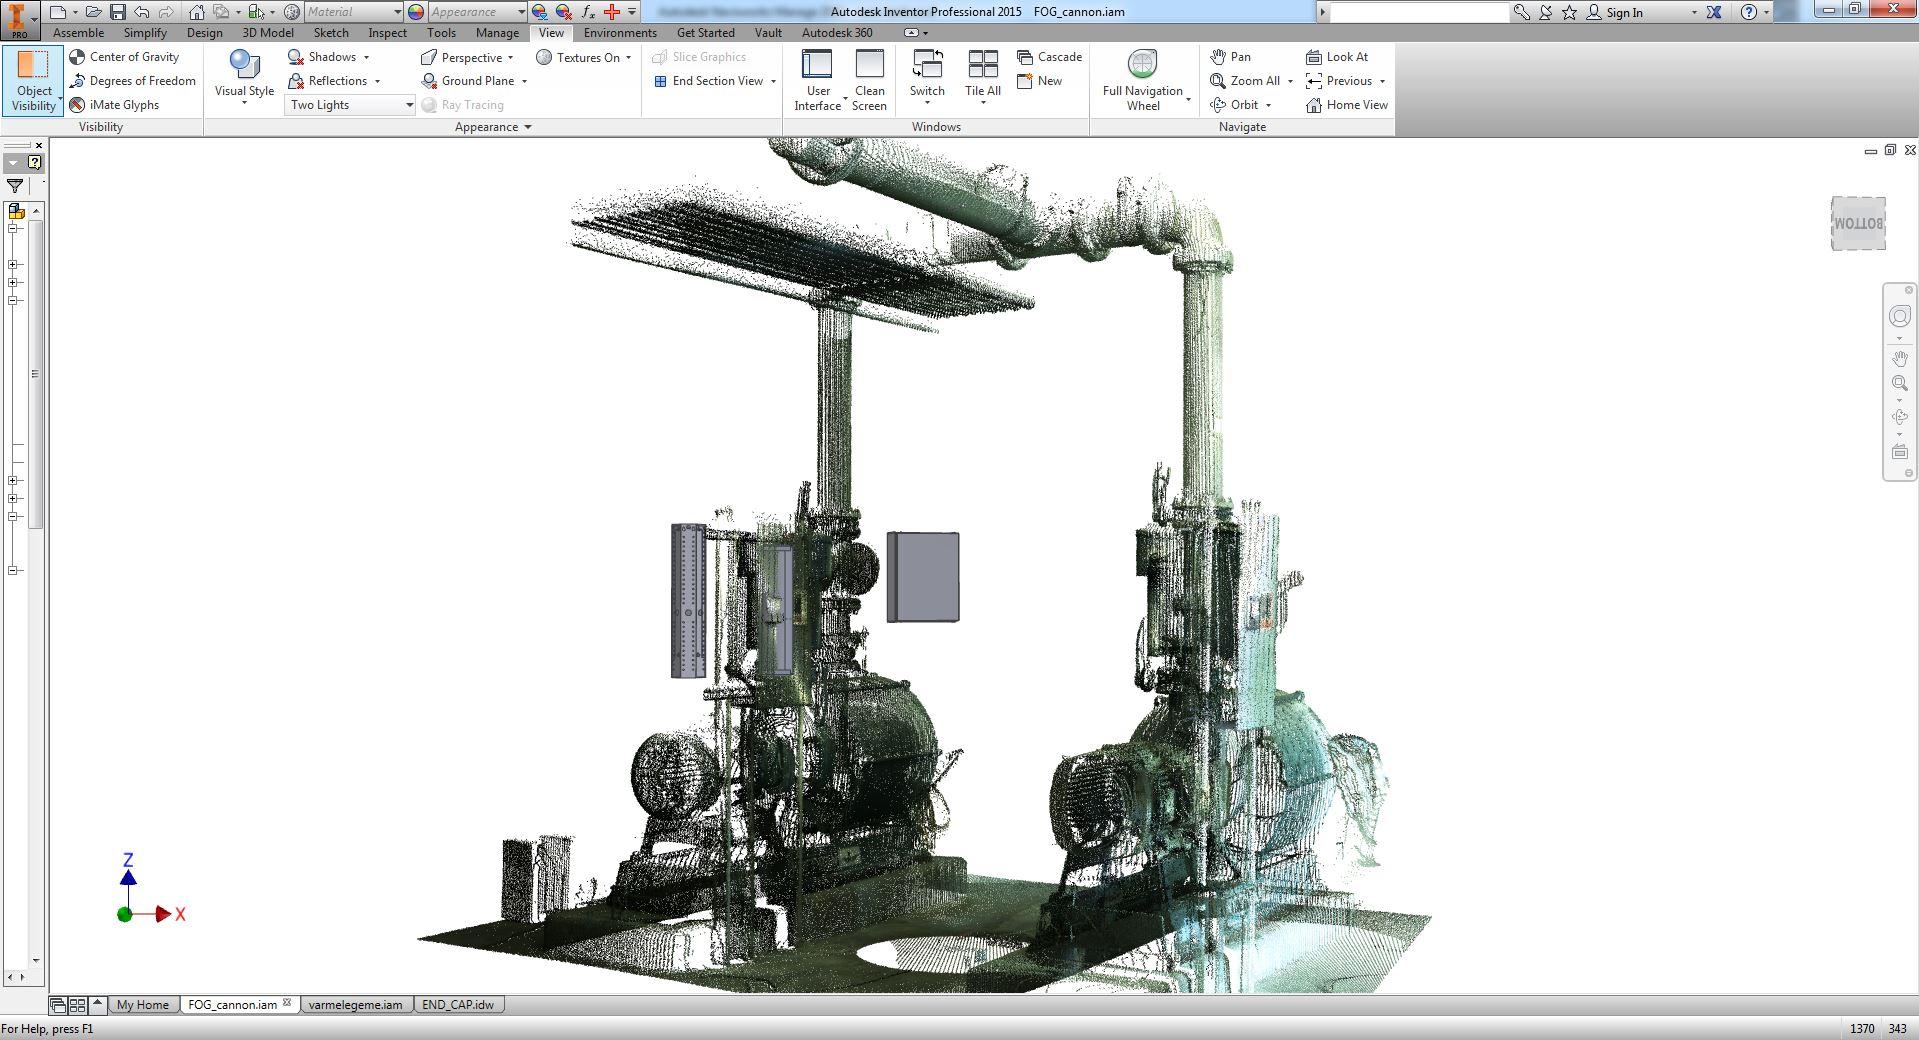 3D scanning Inventor